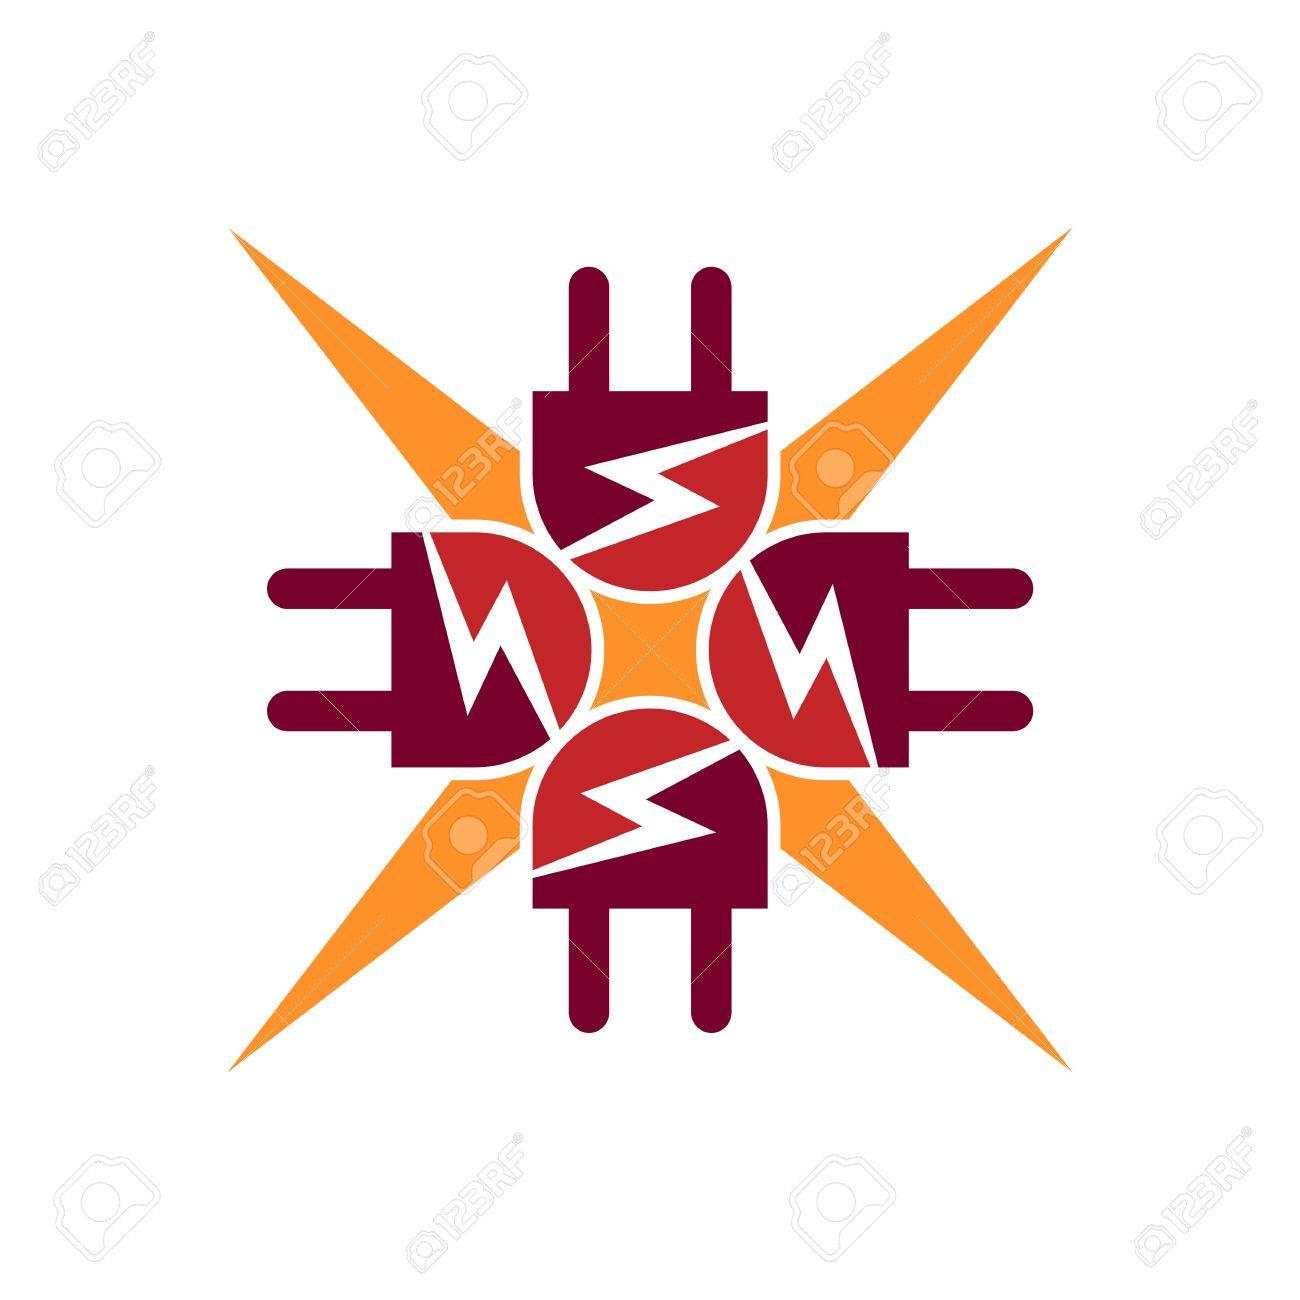 Elektrizität Kraft Icon Design Symbol Abstrakt Lizenzfrei Nutzbare ...